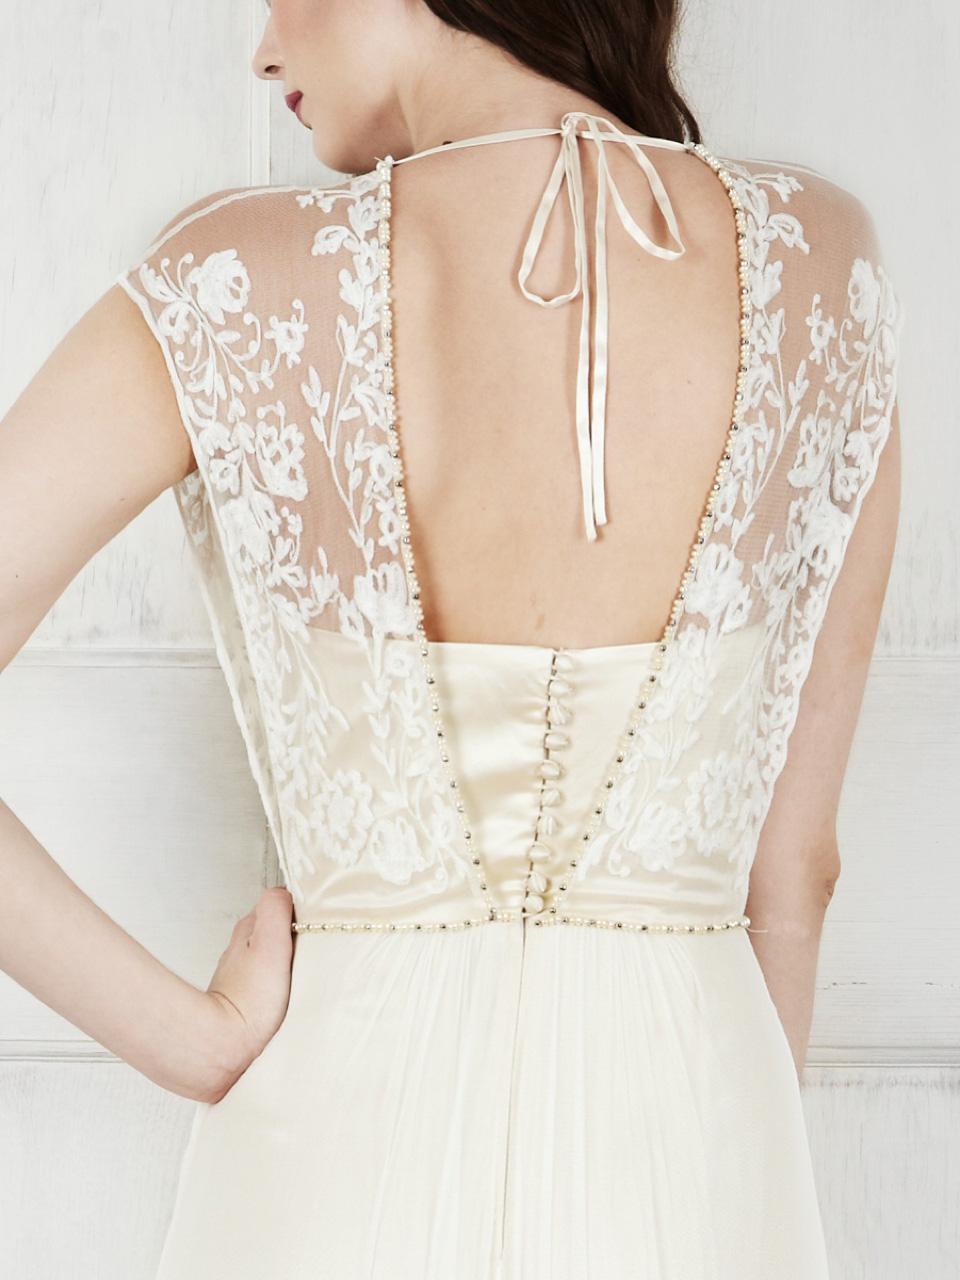 e55701a895cf wpid catherine deane wedding dresses - Catherine Deane – Wedding Dresses  for the Modern Bride Seeking